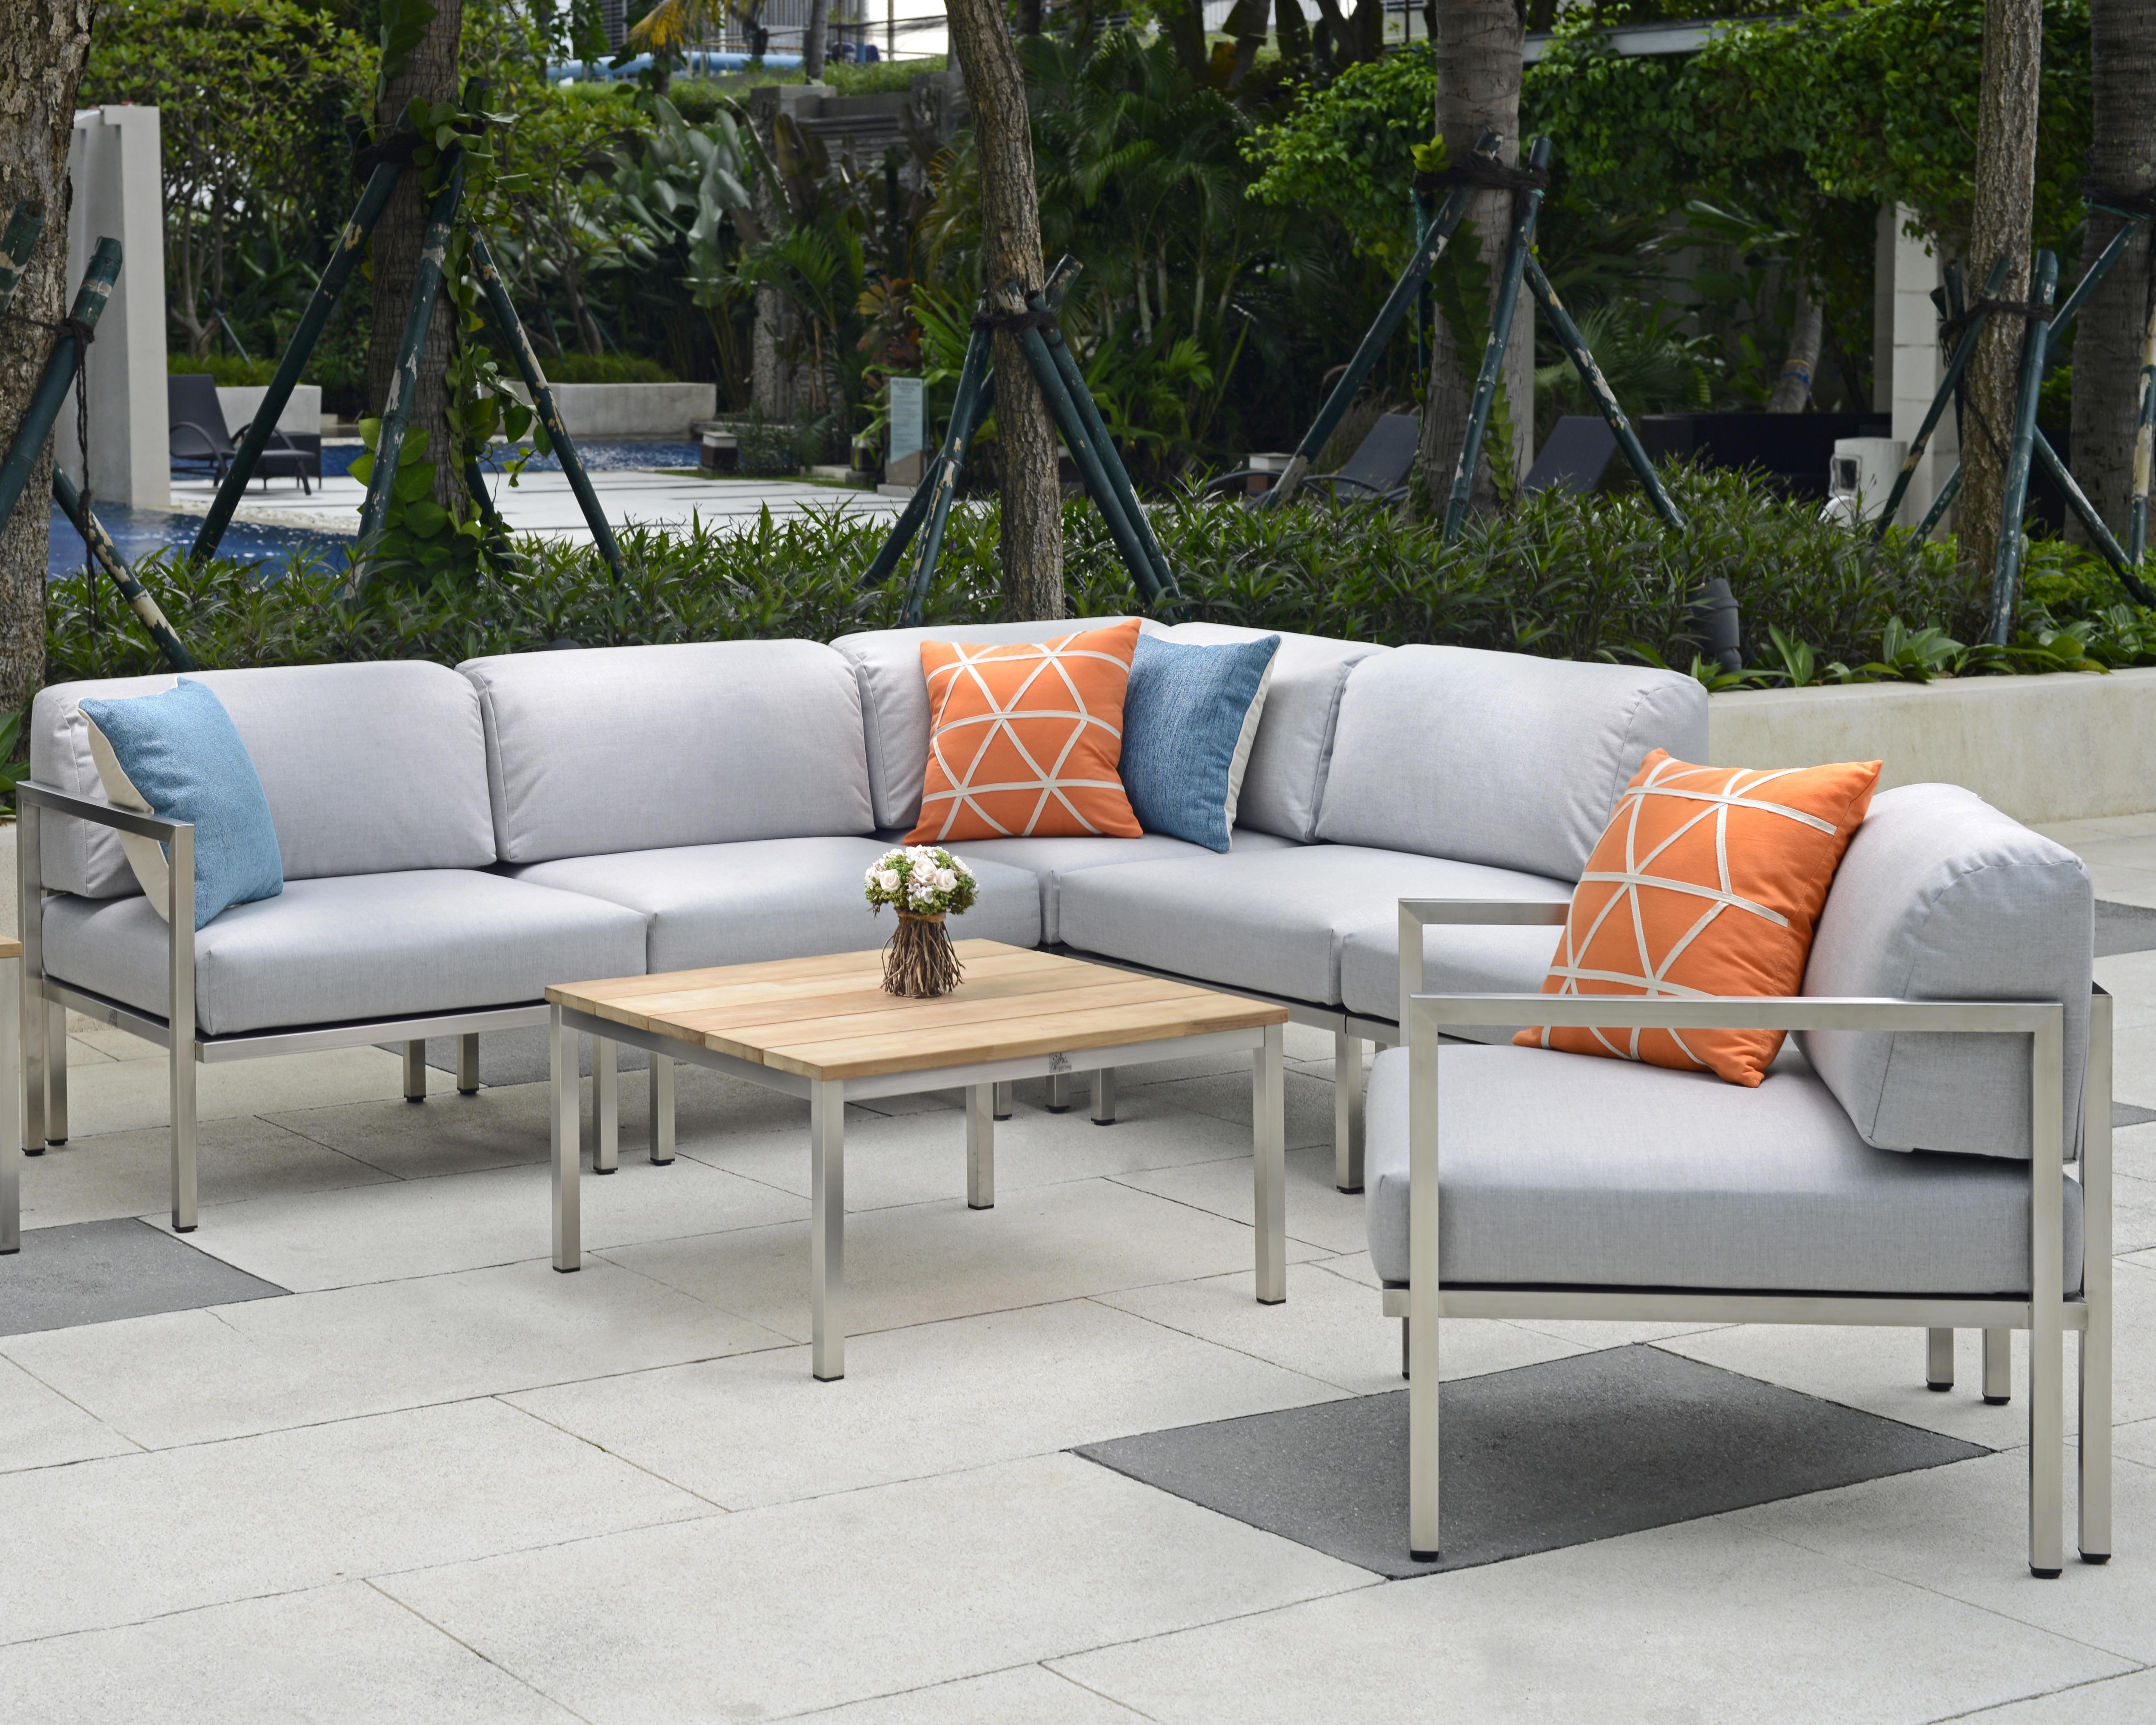 Garten Lounge Urbain Set Klein Bowich